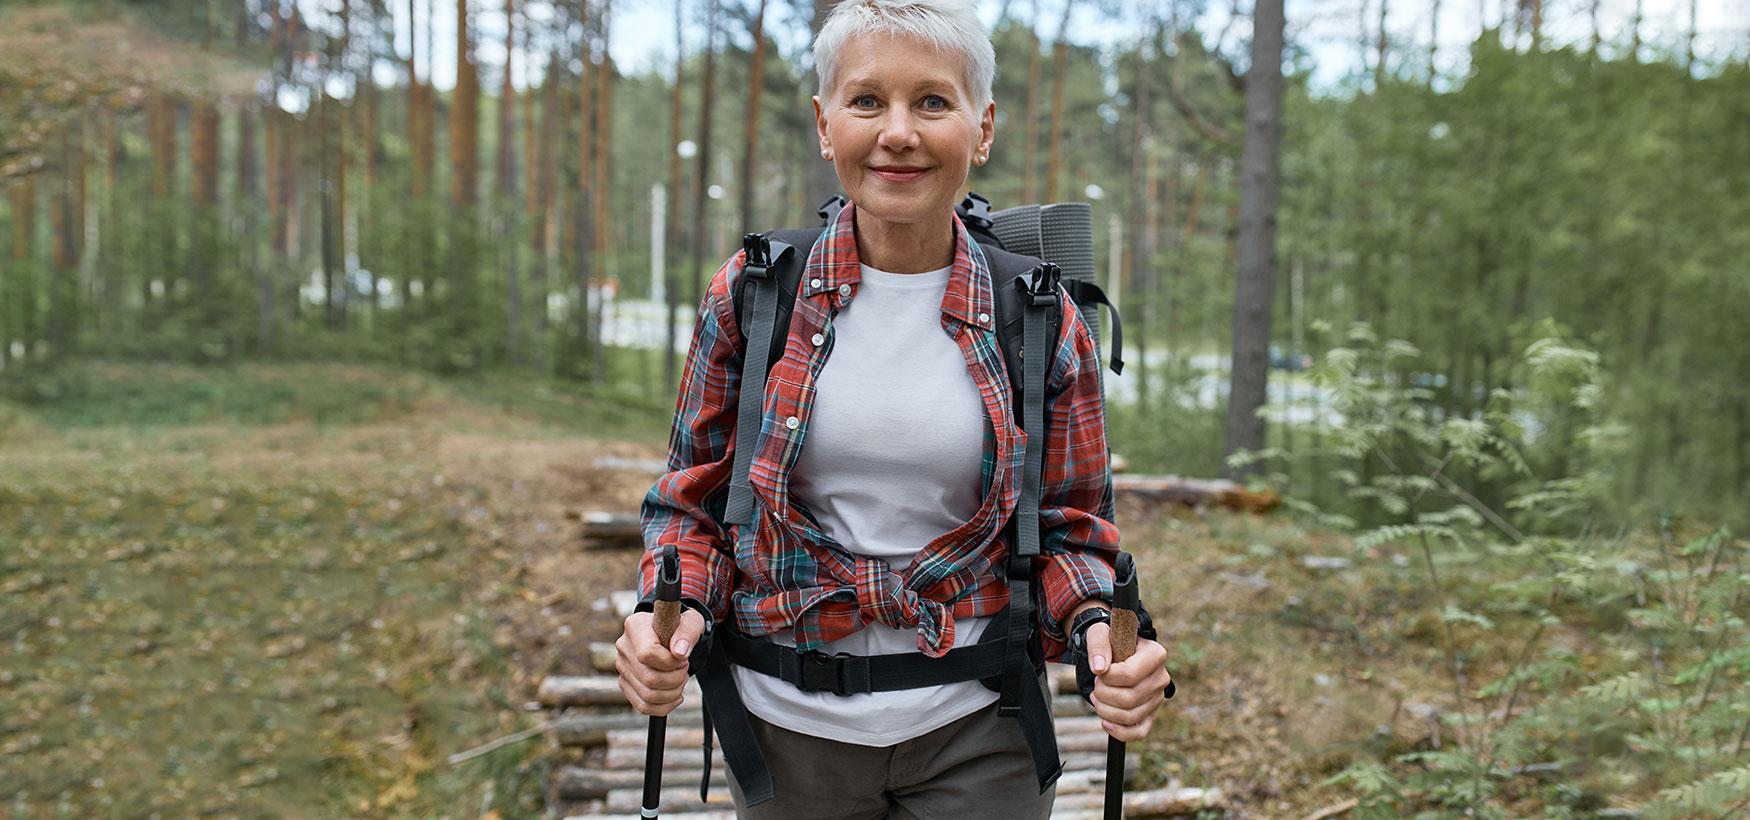 Wandern nach Brustkrebs | Brustzentrum Passau